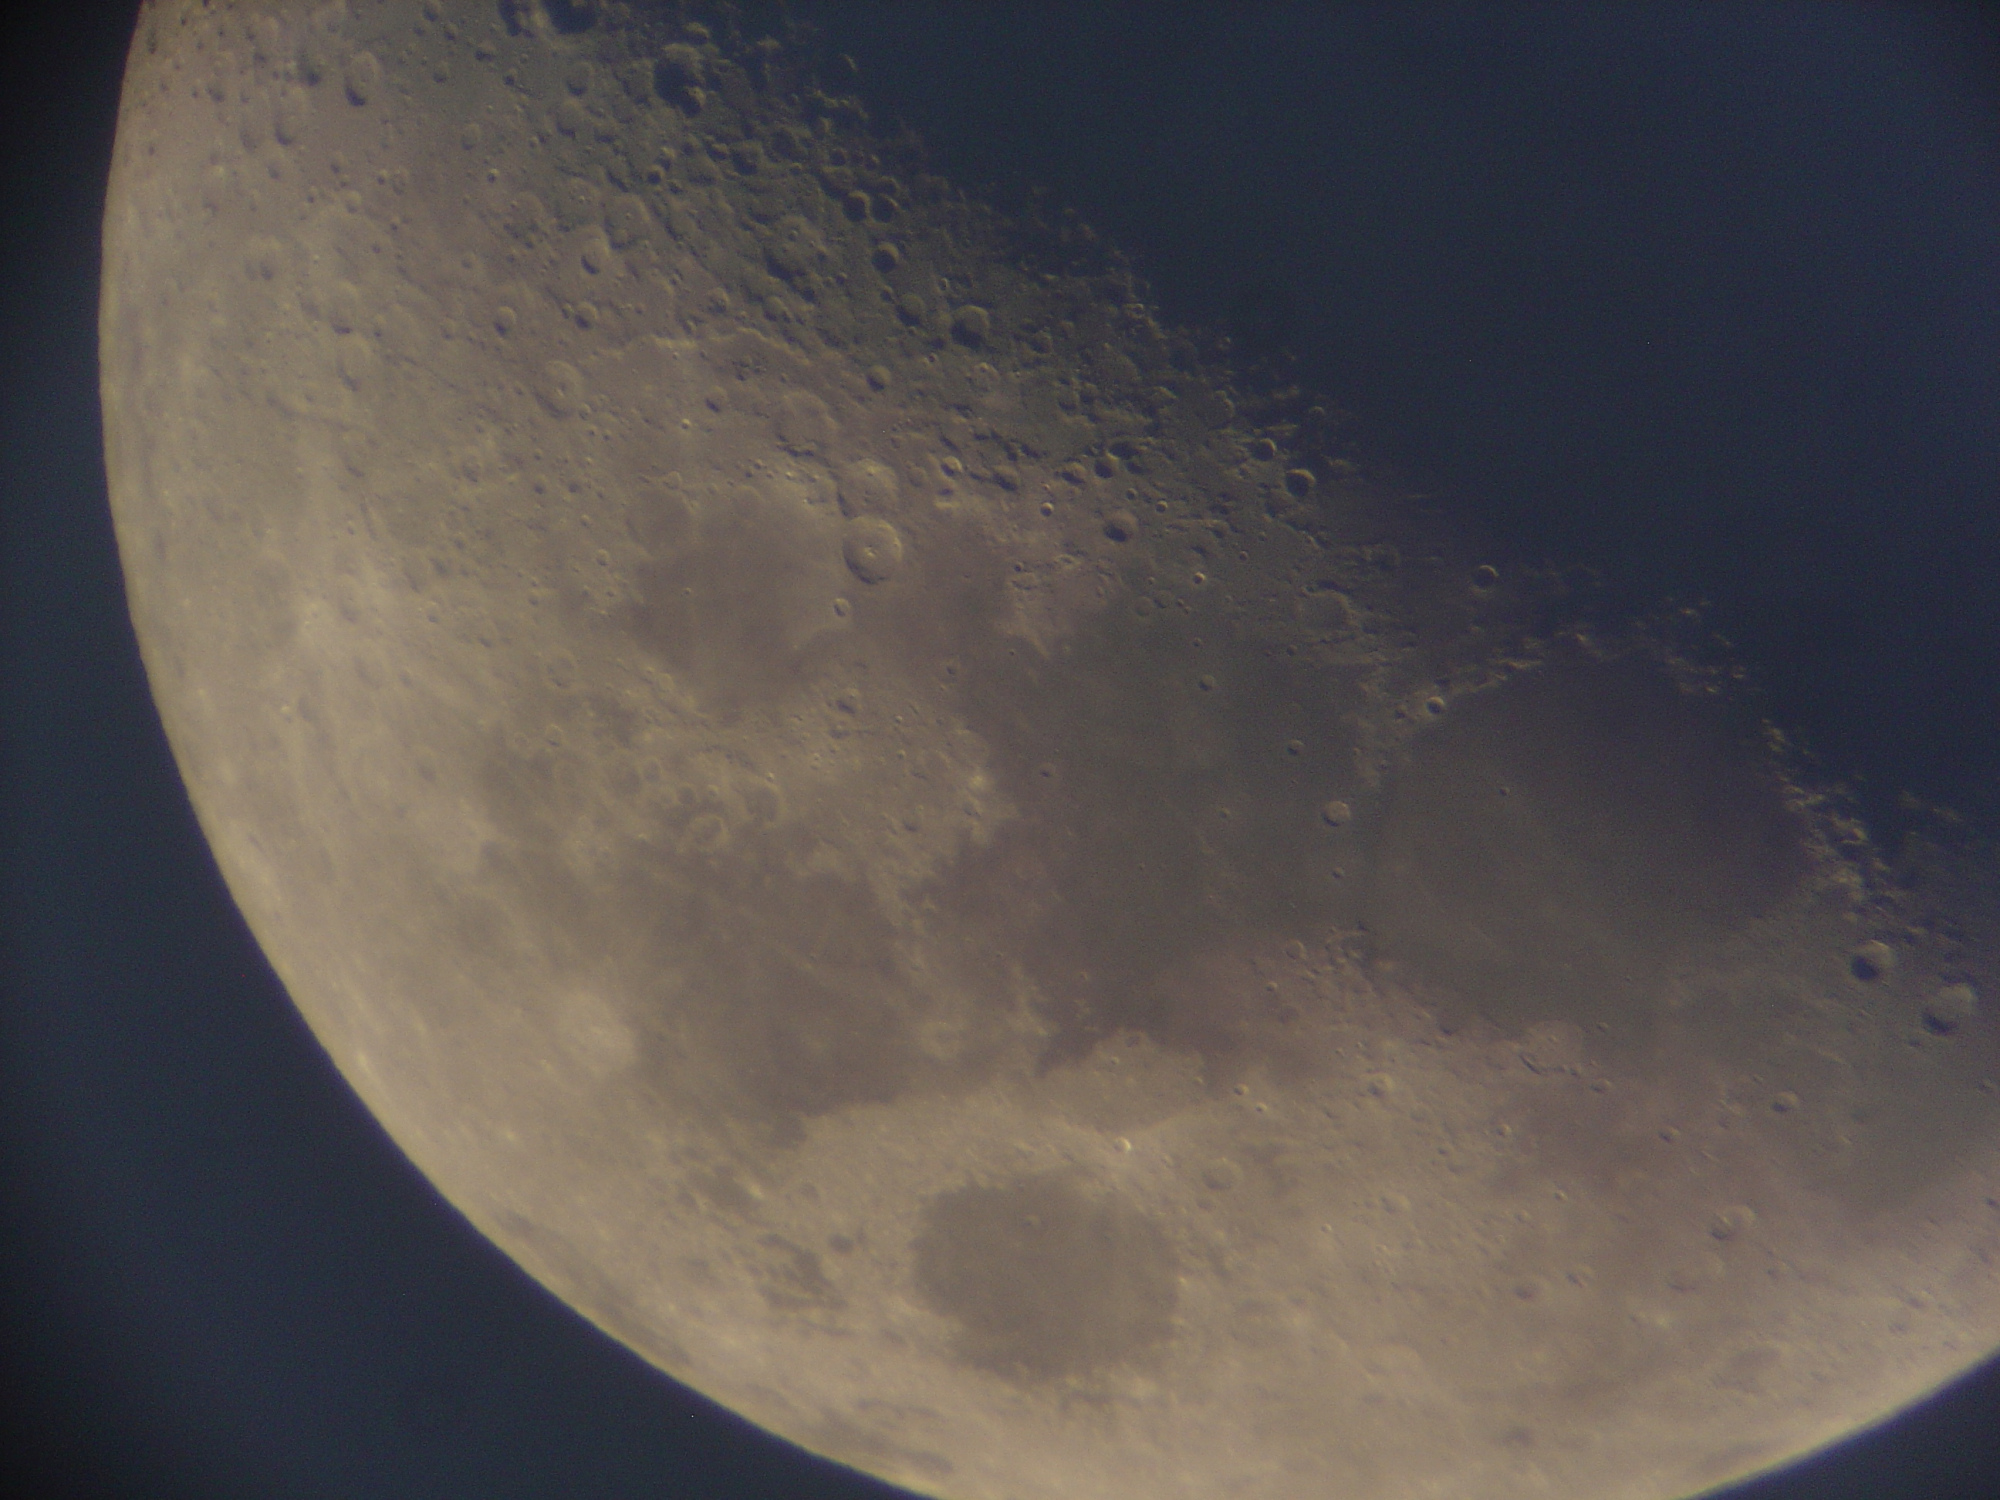 12 lune 150 newton nagler de 16 ou 9 a voir de plus pret4 .jpg